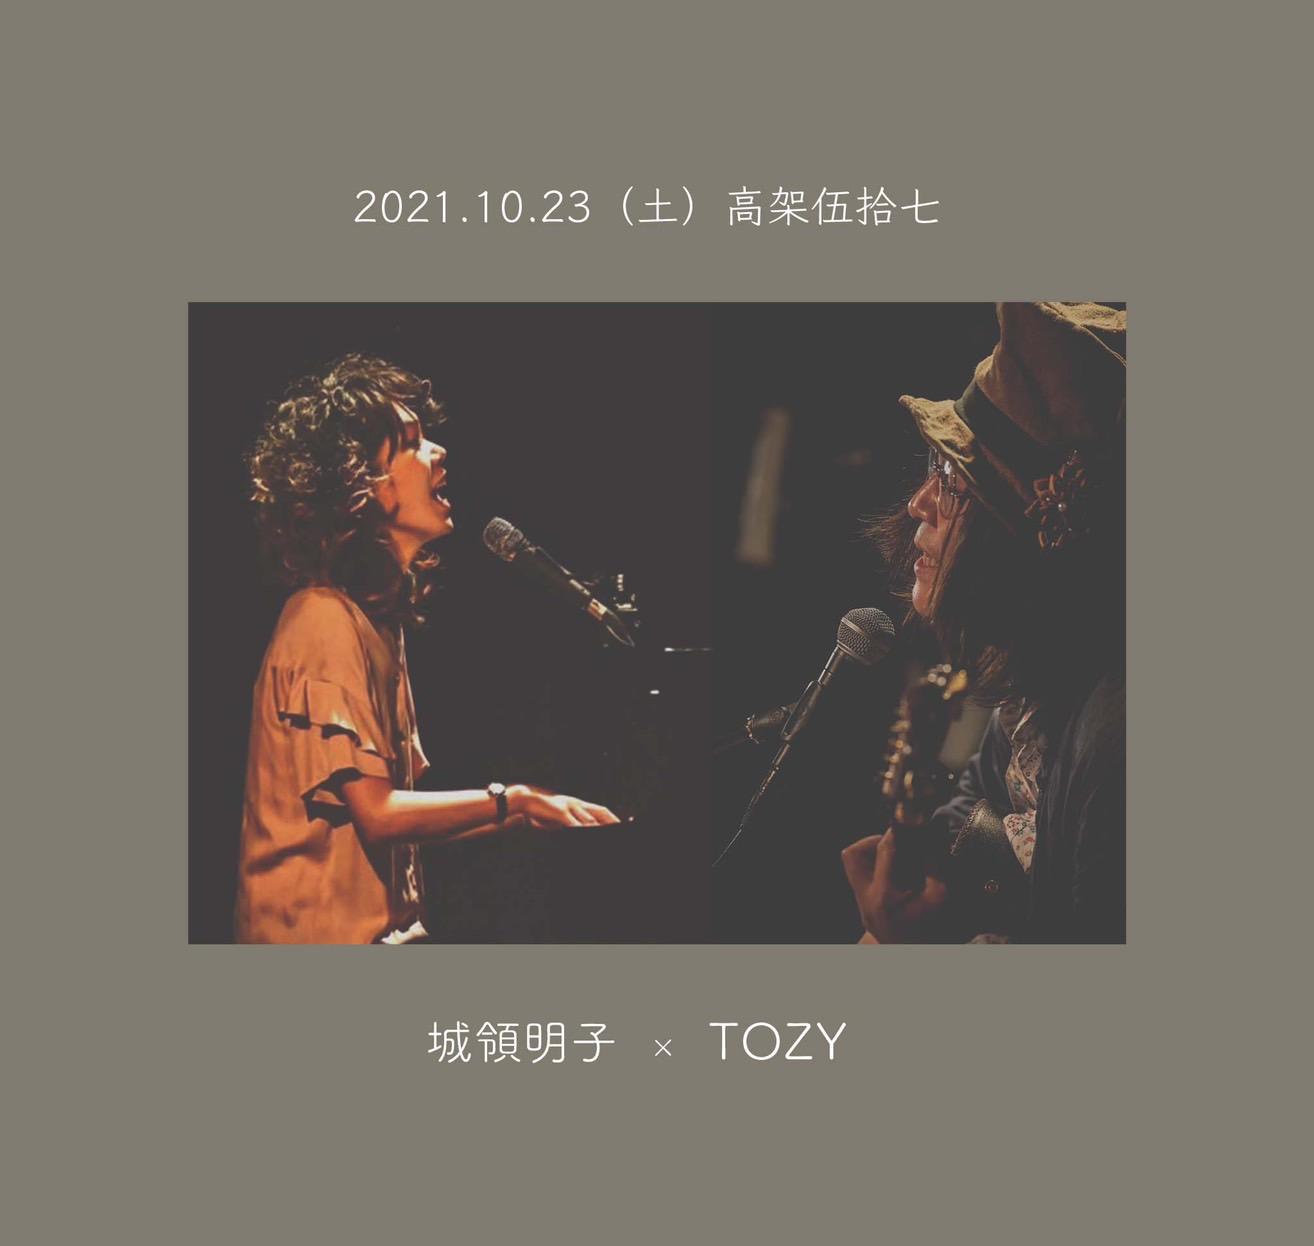 城領明子&TOZY  18時オープン